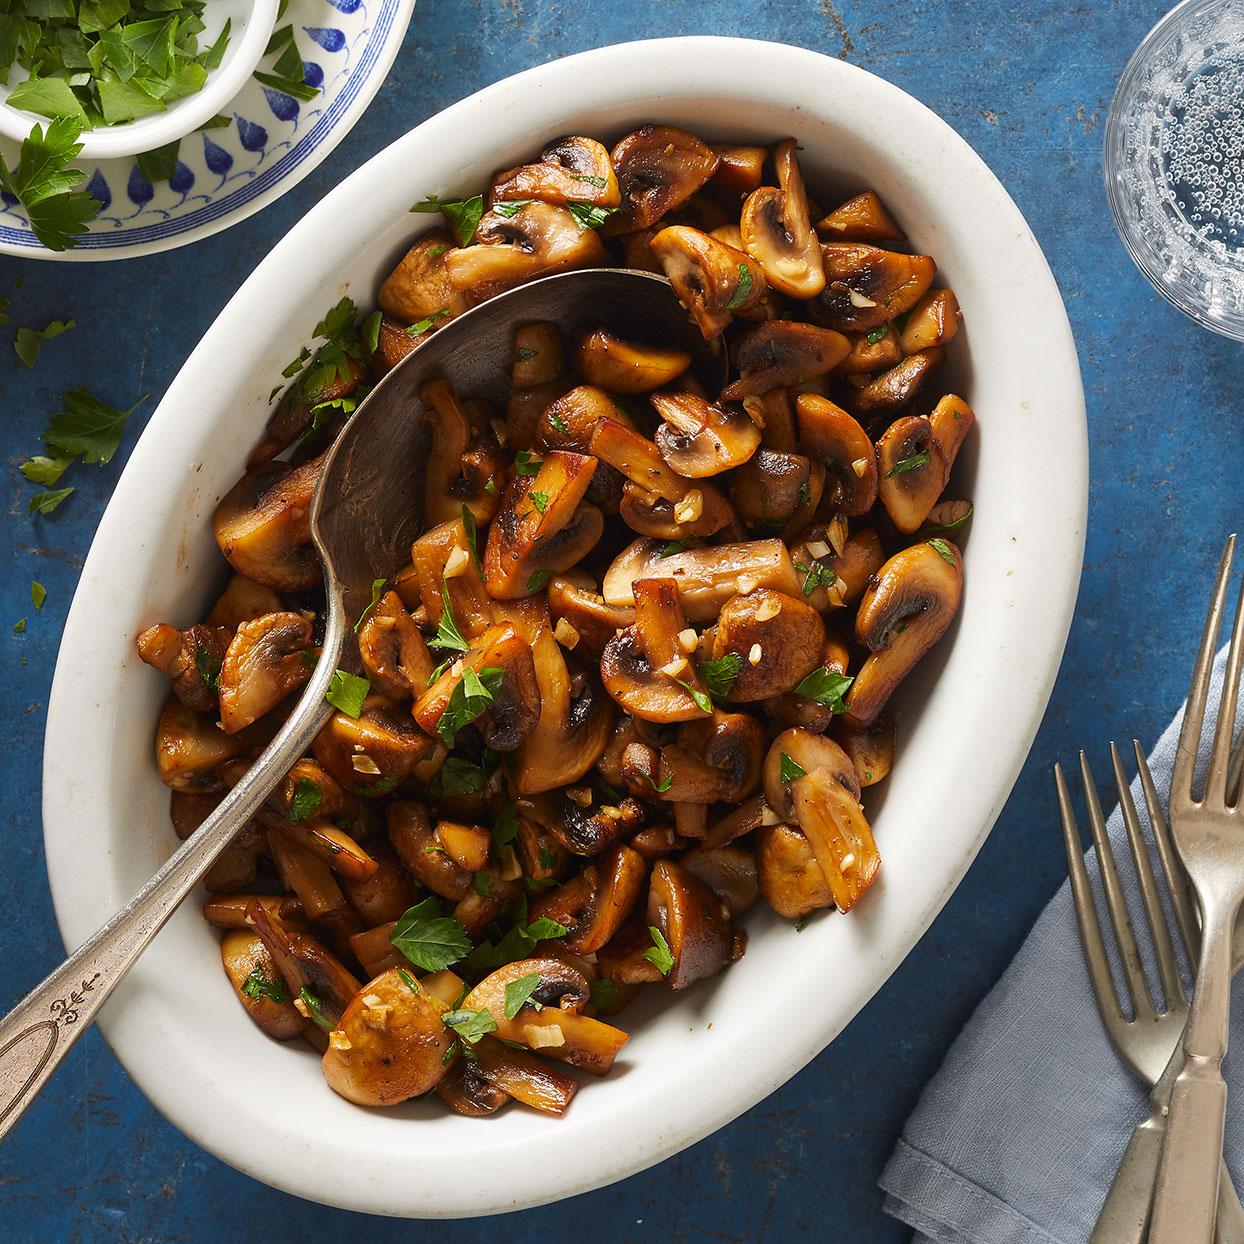 Garlic-Butter Mushrooms Carolyn Casner